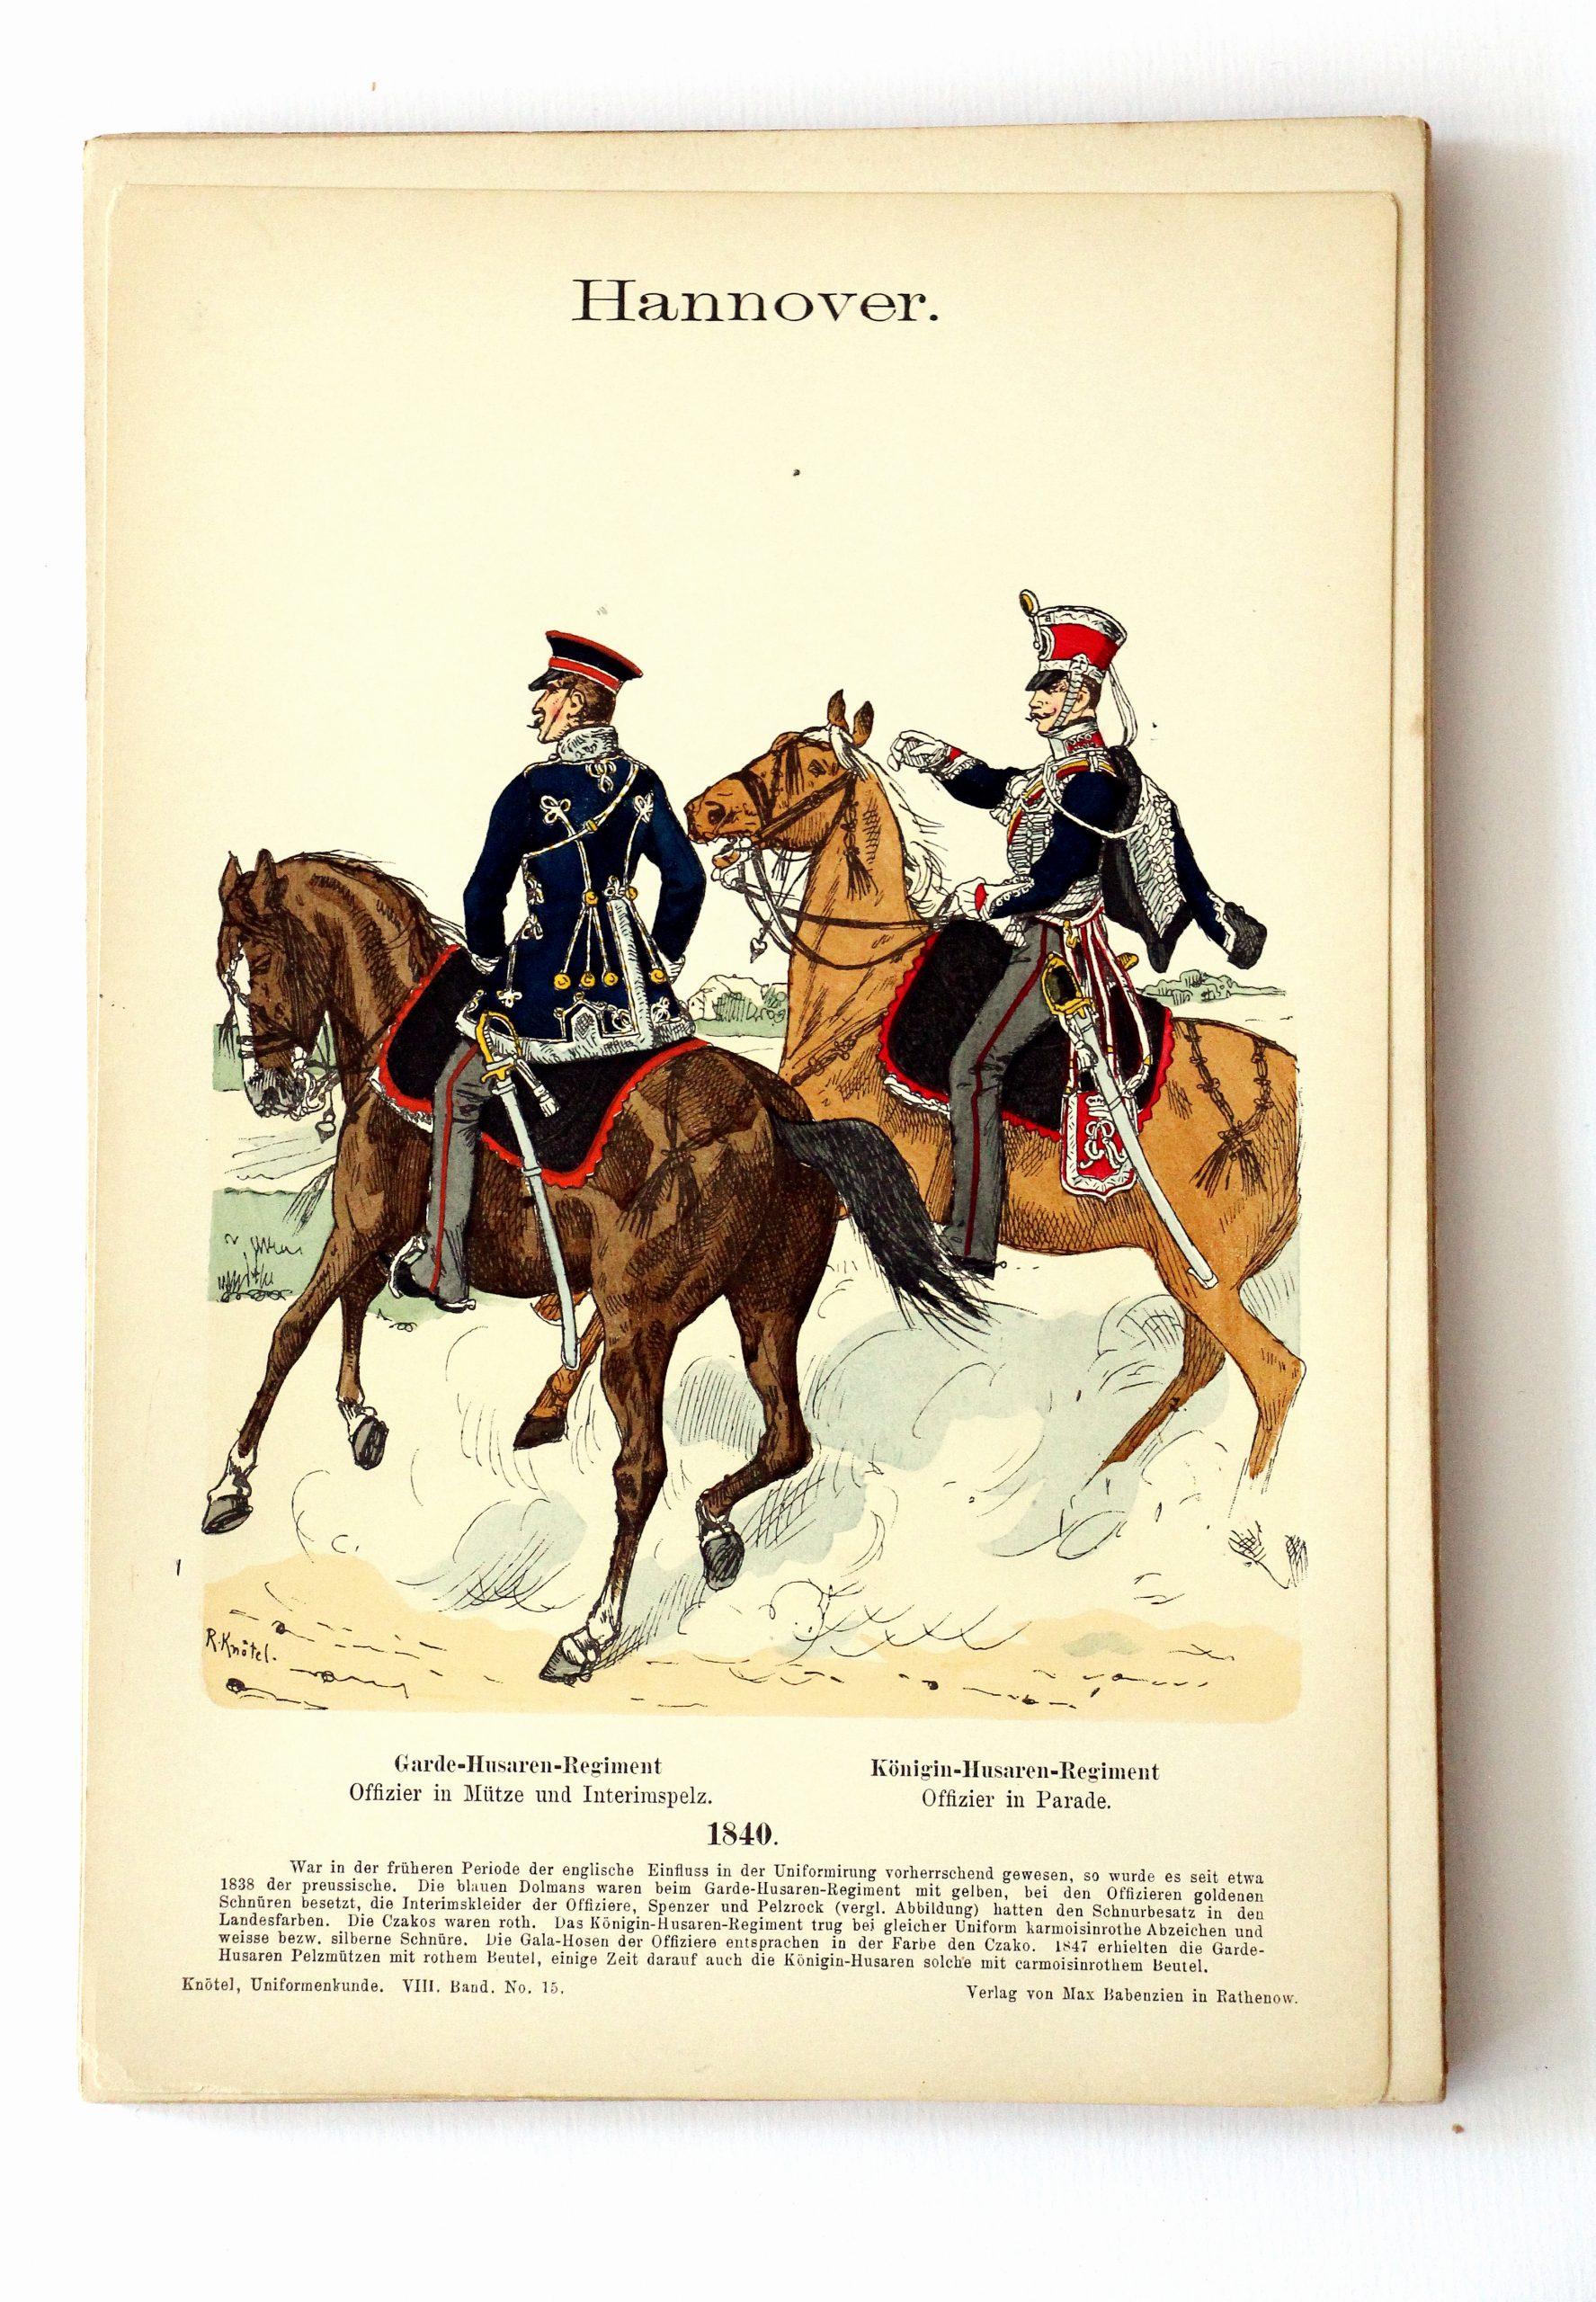 Hannover - Uniformenkunde - Richard Knoetel - VIII - Planche 15